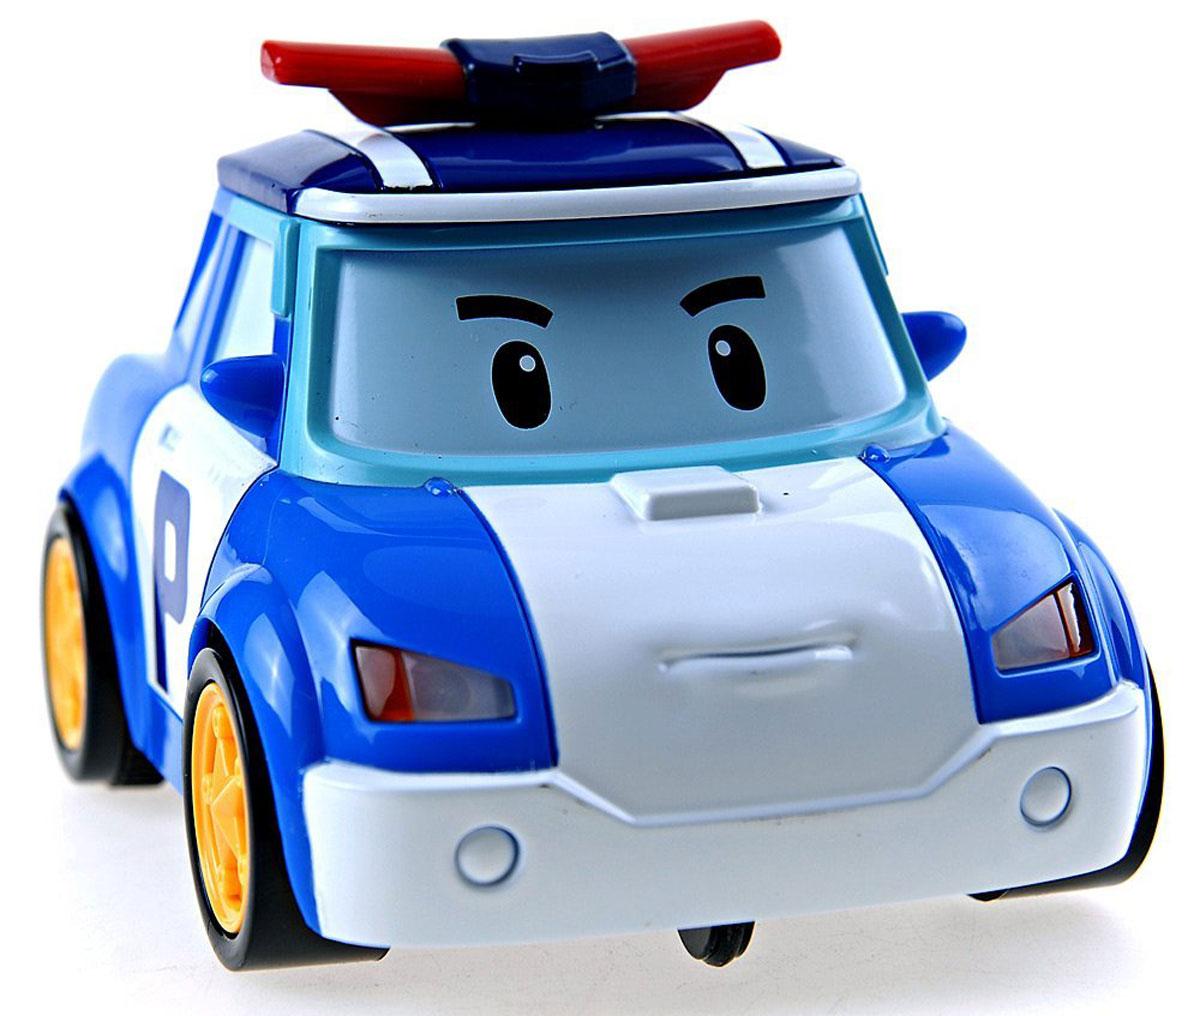 Robocar Poli Игрушка на радиоуправлении Поли83187Радиоуправляемая игрушка со световыми эффектами Поли привлечет внимание вашего ребенка и не позволит ему скучать. Она выполнена из прочного пластика синего и белого цветов в виде полицейской машинки Поли - персонажа мультфильма Робокар Поли и его друзья. Игрушка может двигаться вперед, поворачивать направо и разворачиваться. Во время движения у нее светятся фары. Колеса машинки дополнены резиновыми вставками, которые исключают скольжение игрушки на гладкой поверхности. К машинке прилагается пульт с инфракрасным дистанционным управлением, на котором имеются две крупные кнопки выбора направления движения машинки и кнопка включения. Такая замечательная игрушка подарит вашему малышу массу положительных эмоций! Для работы машинки необходима 3 батареи напряжением напряжением 1,5V типа АА, для работы пульта управления необходима 1 батарея напряжением 9V типа 6LR61 (не входят в комплект).